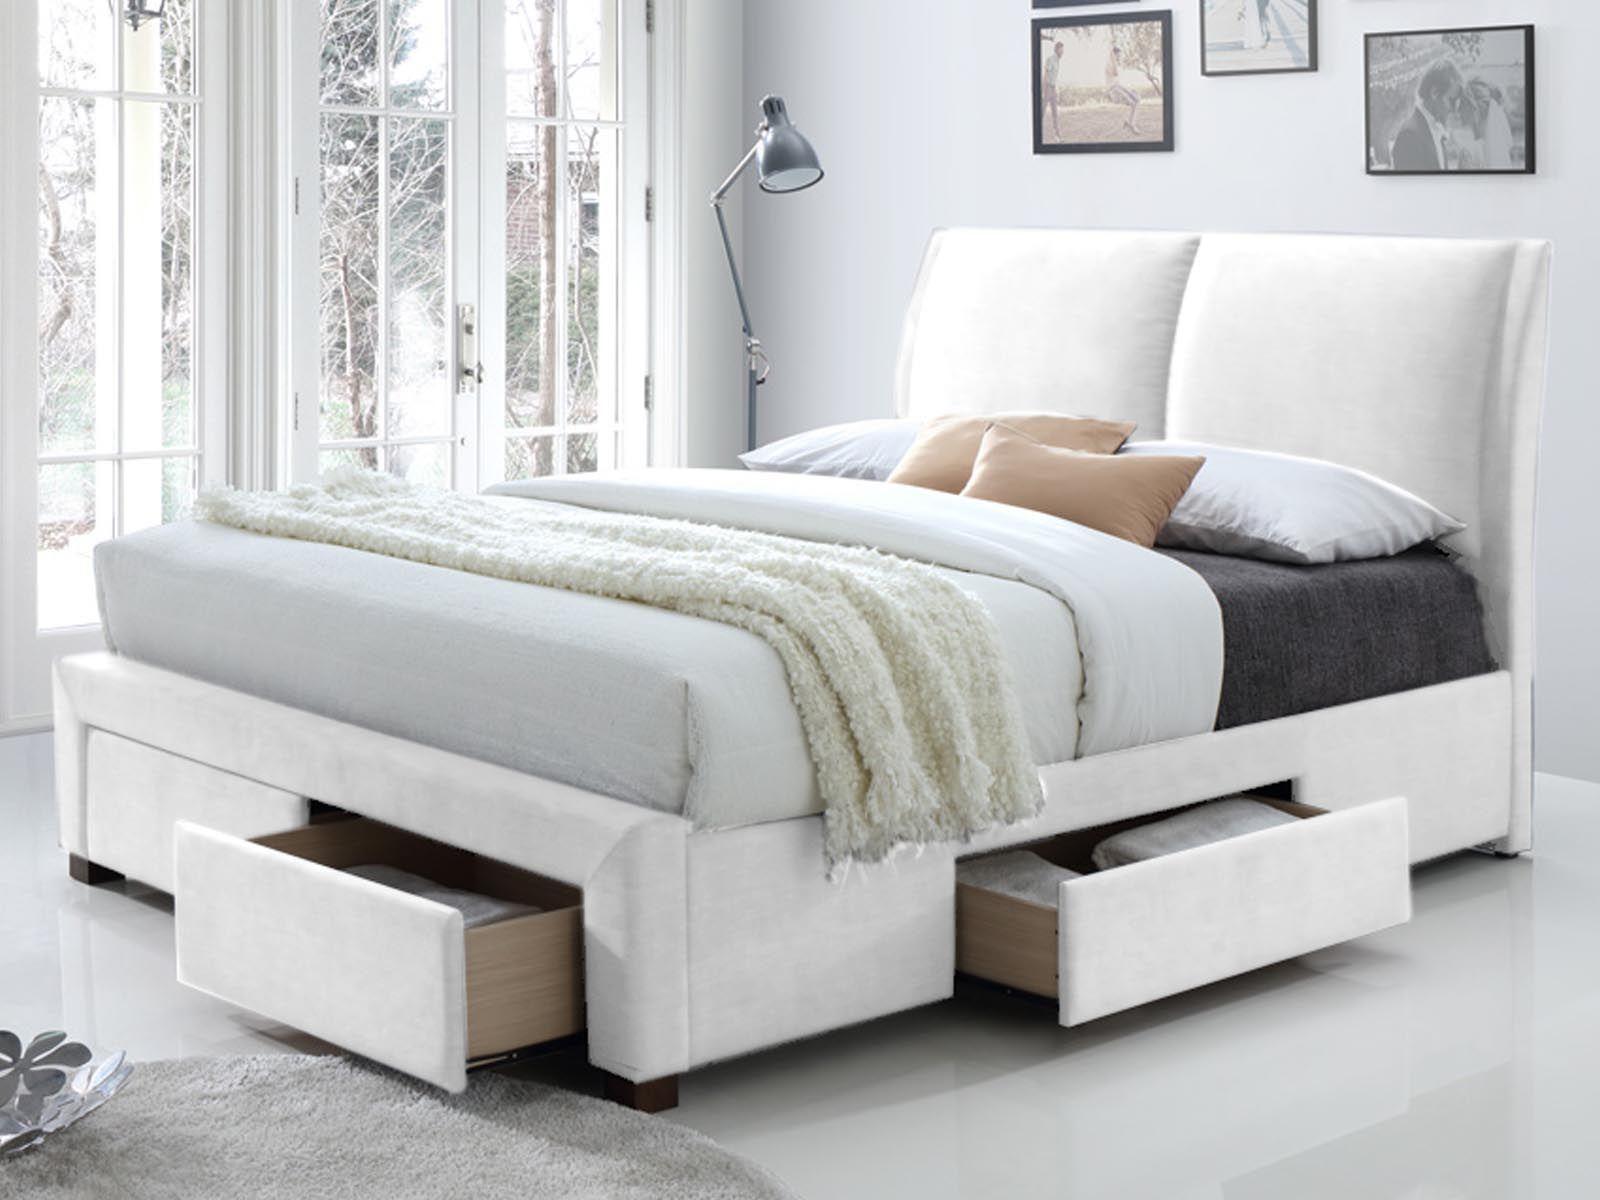 Full Size of Betten 100x200 Bette Duschwanne Weiß Bett 160x220 Trends Sitzbank Weißes 140x200 Stabiles Regal Holz Bett Bett 140x200 Weiß